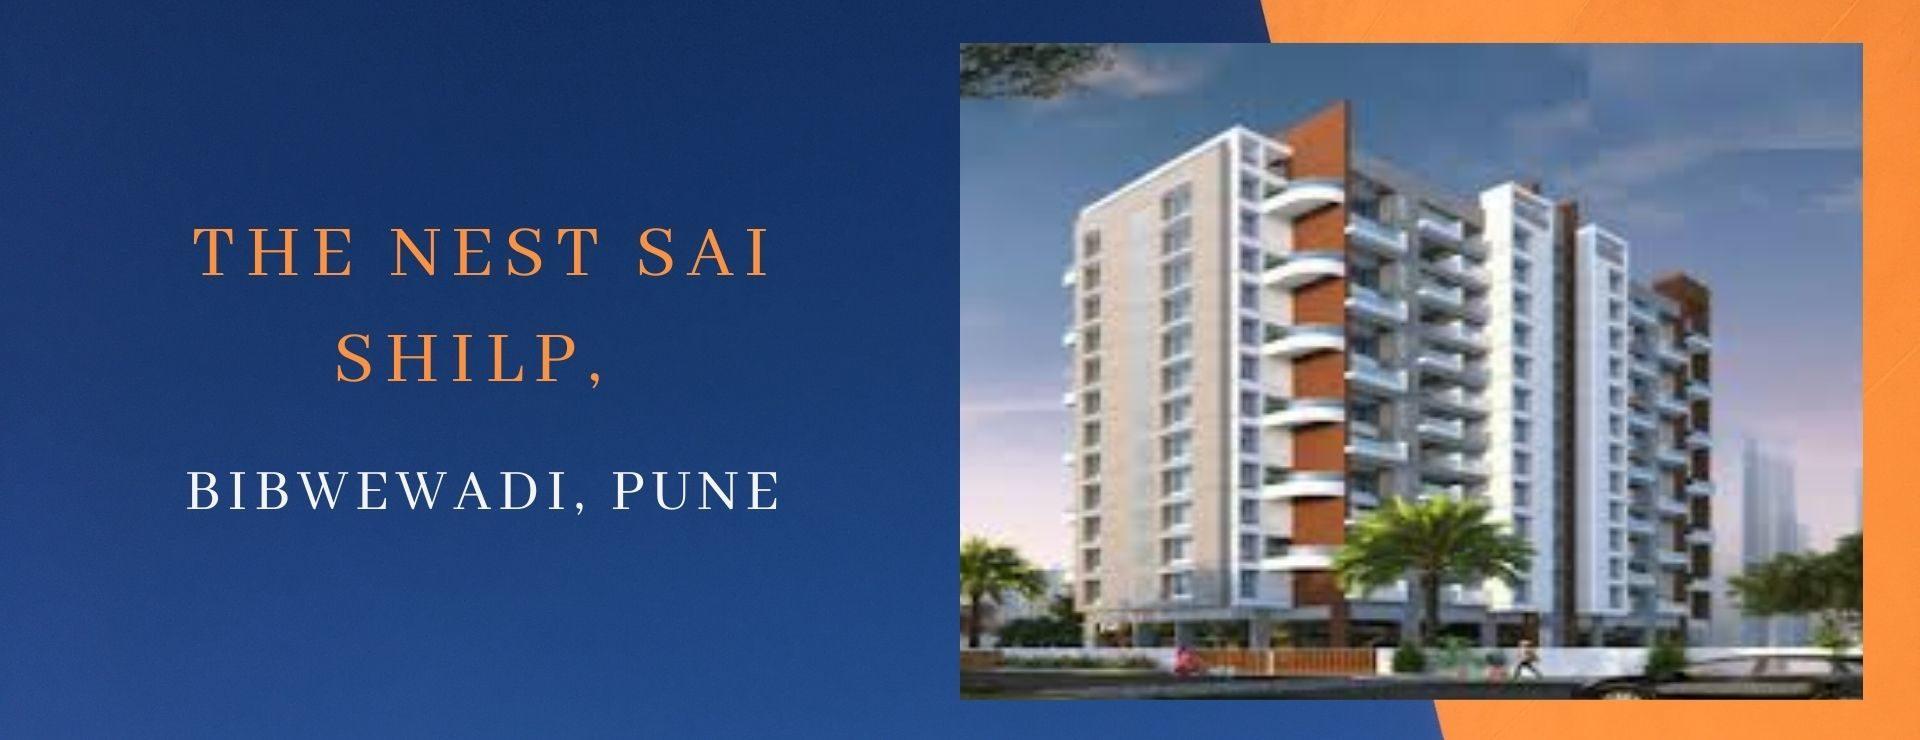 The Nest Sai Shilp,Bibwewadi, Pune